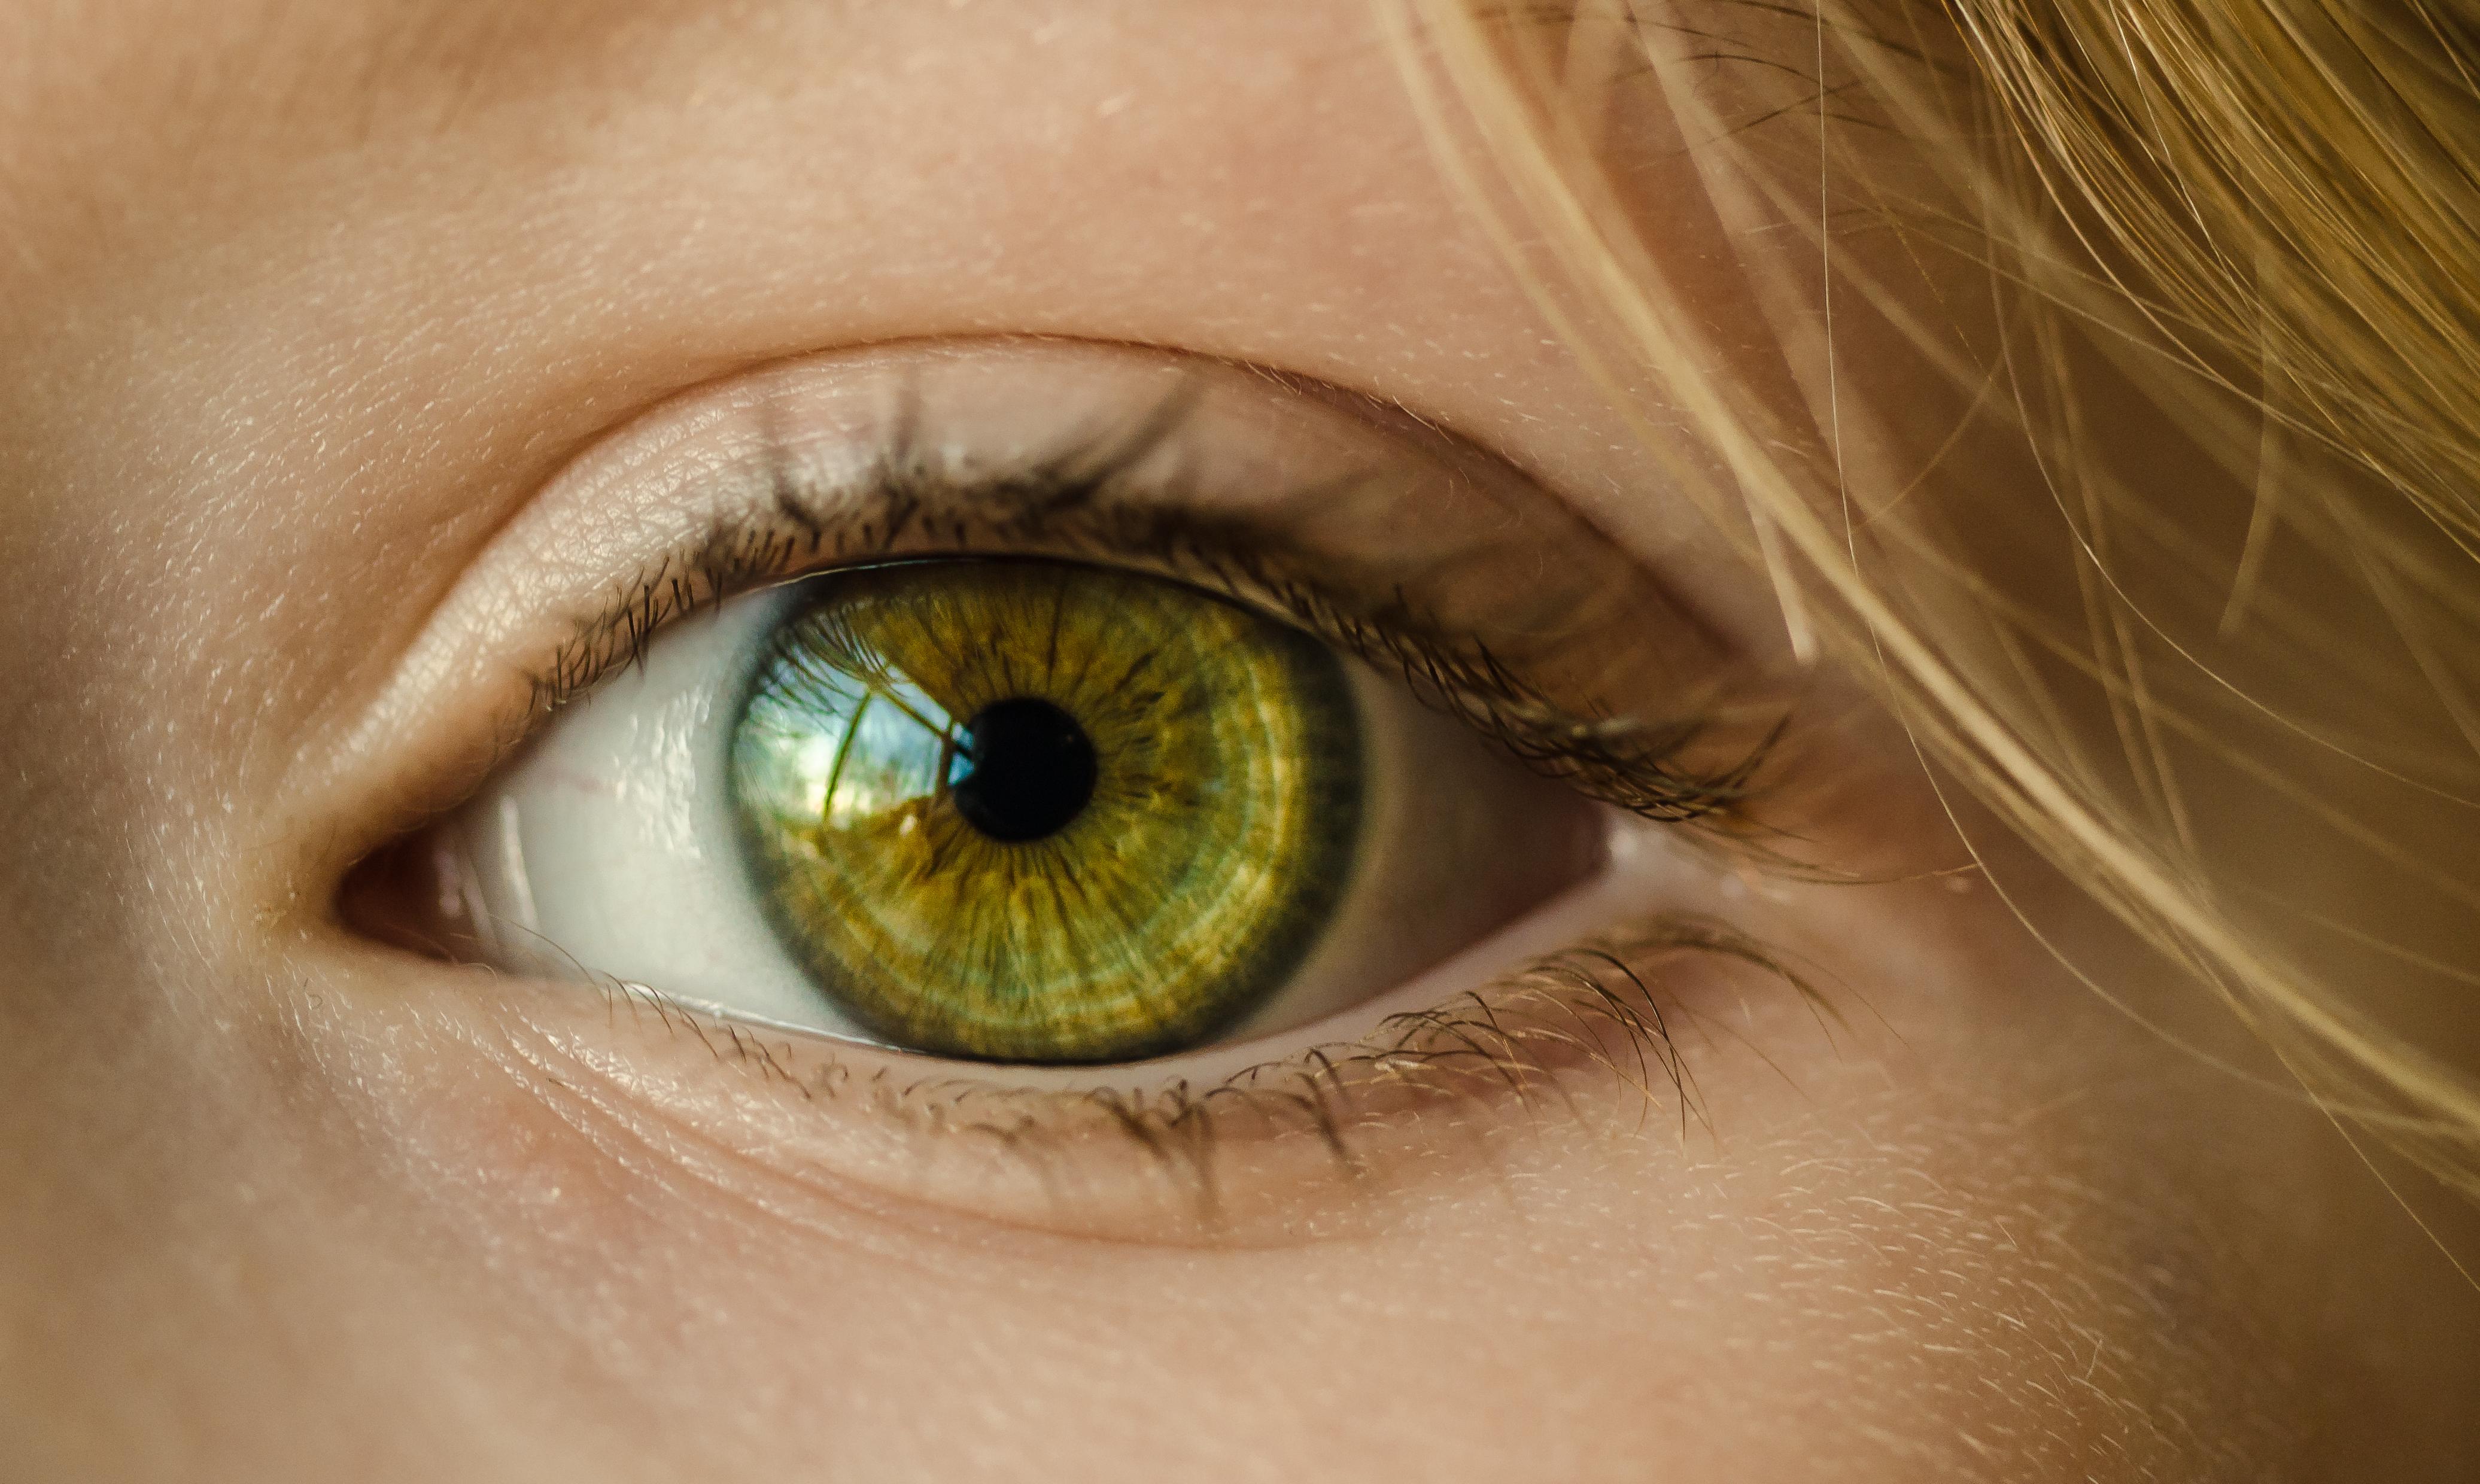 Você sabe quais são as doenças oculares mais comuns no Brasil?